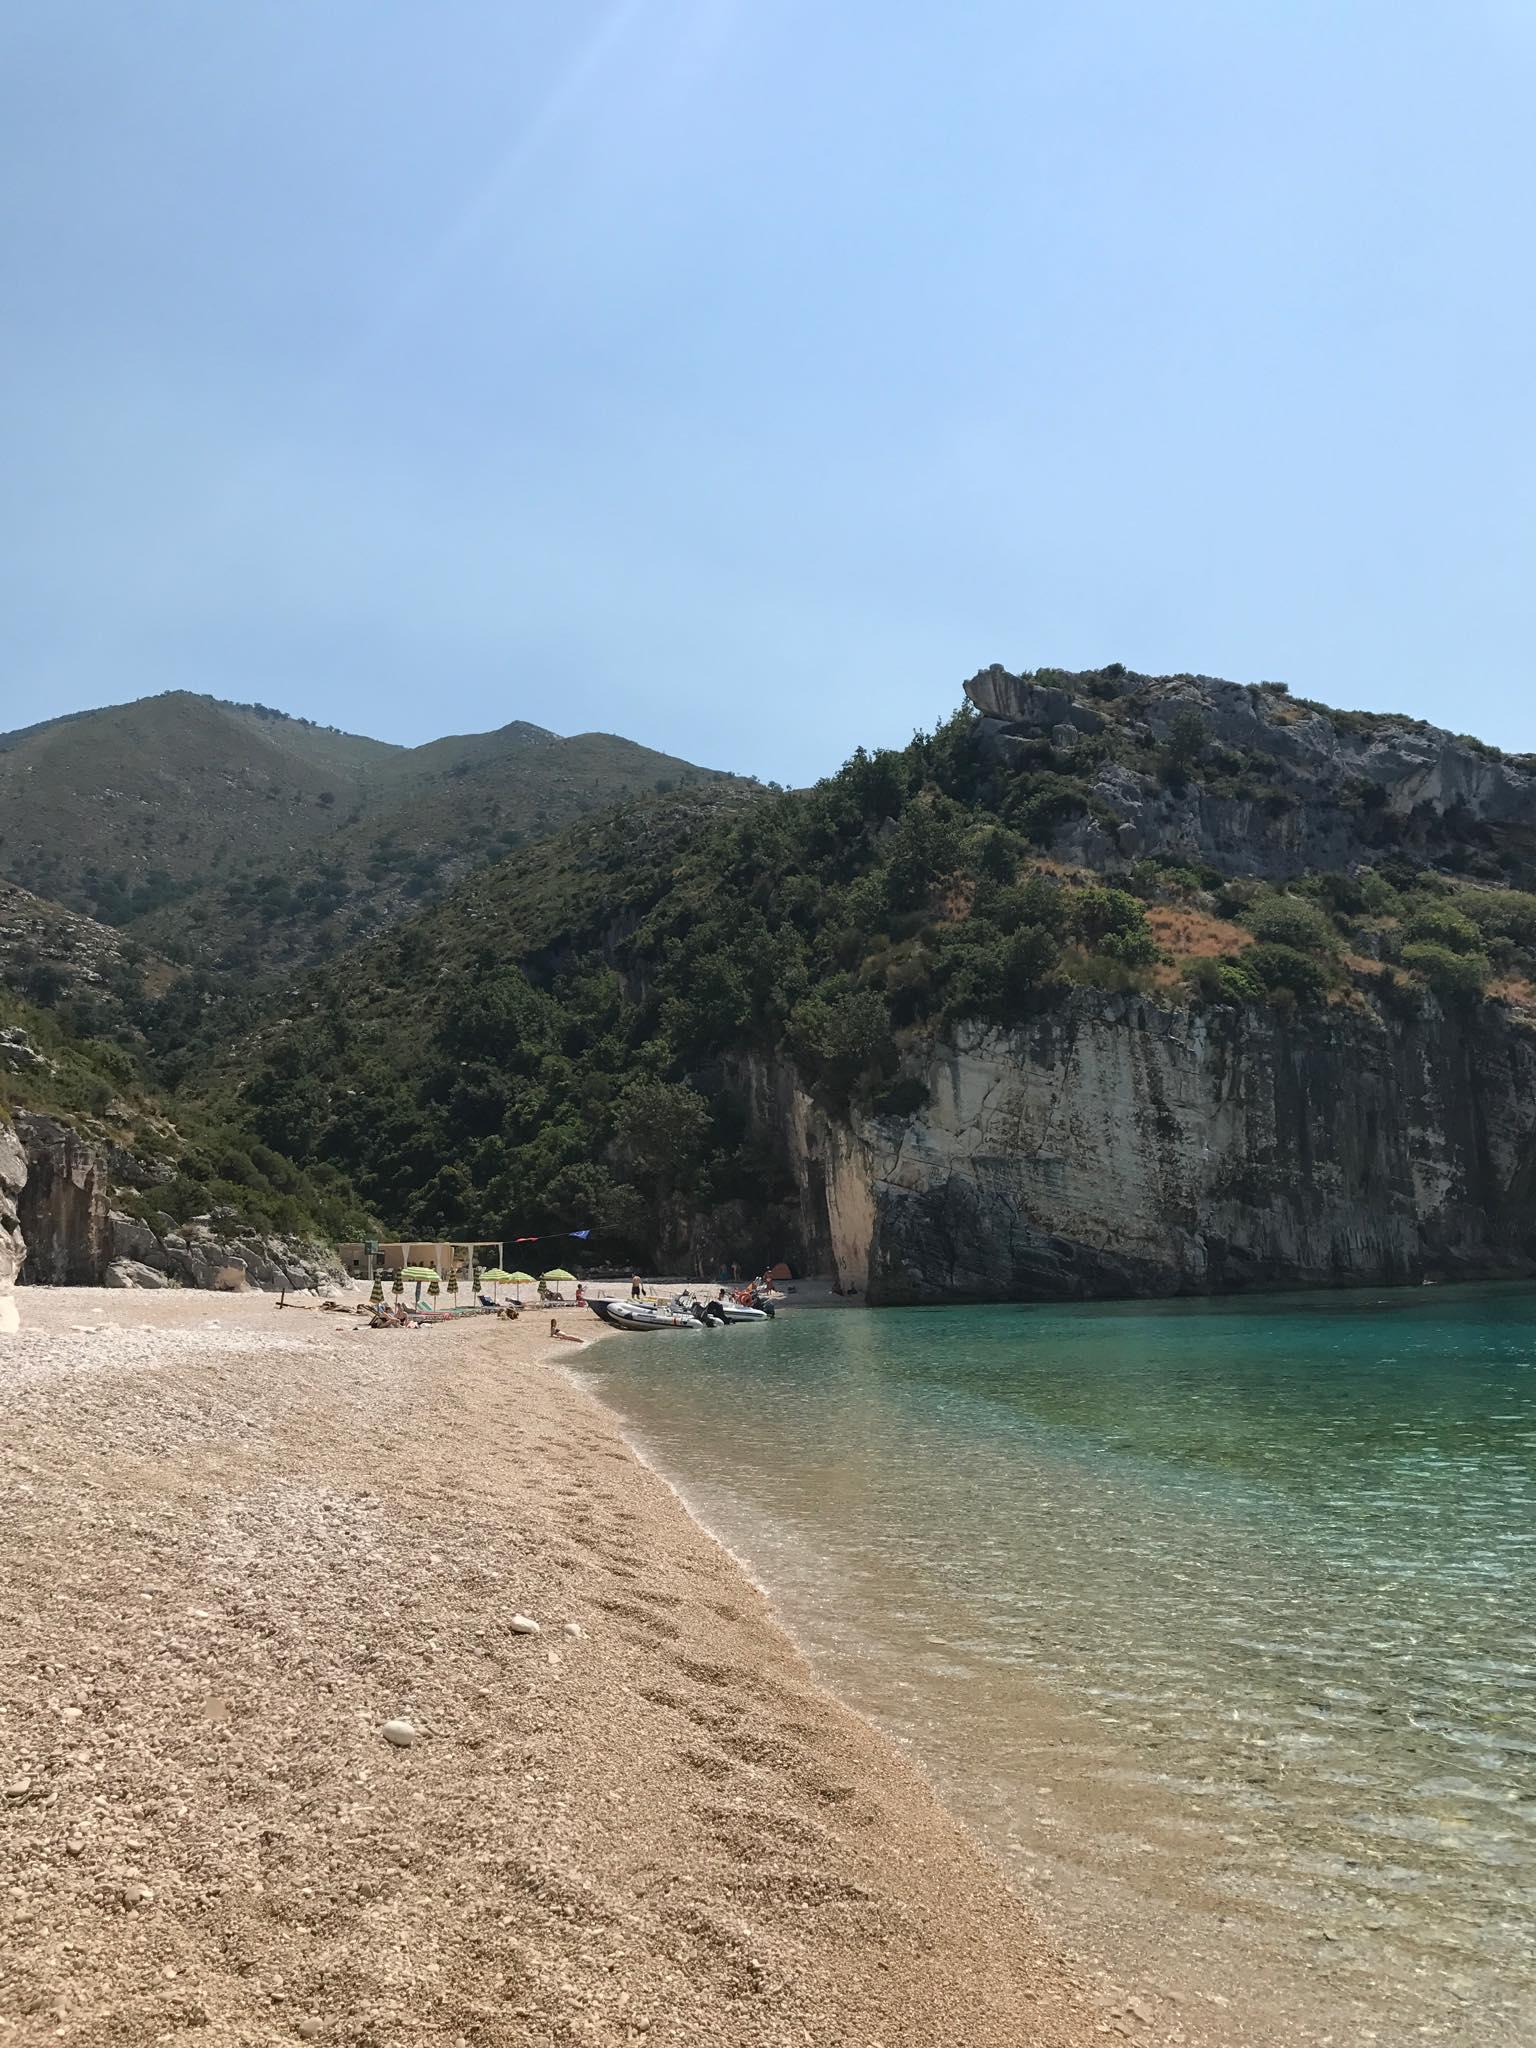 Vain yksi monista Albanian rivieran mystisista rannoista Bay of Grama, joihin sinun on mahdollista päästä tutustumaan. Kuva: Hanne-Mari Ahonen